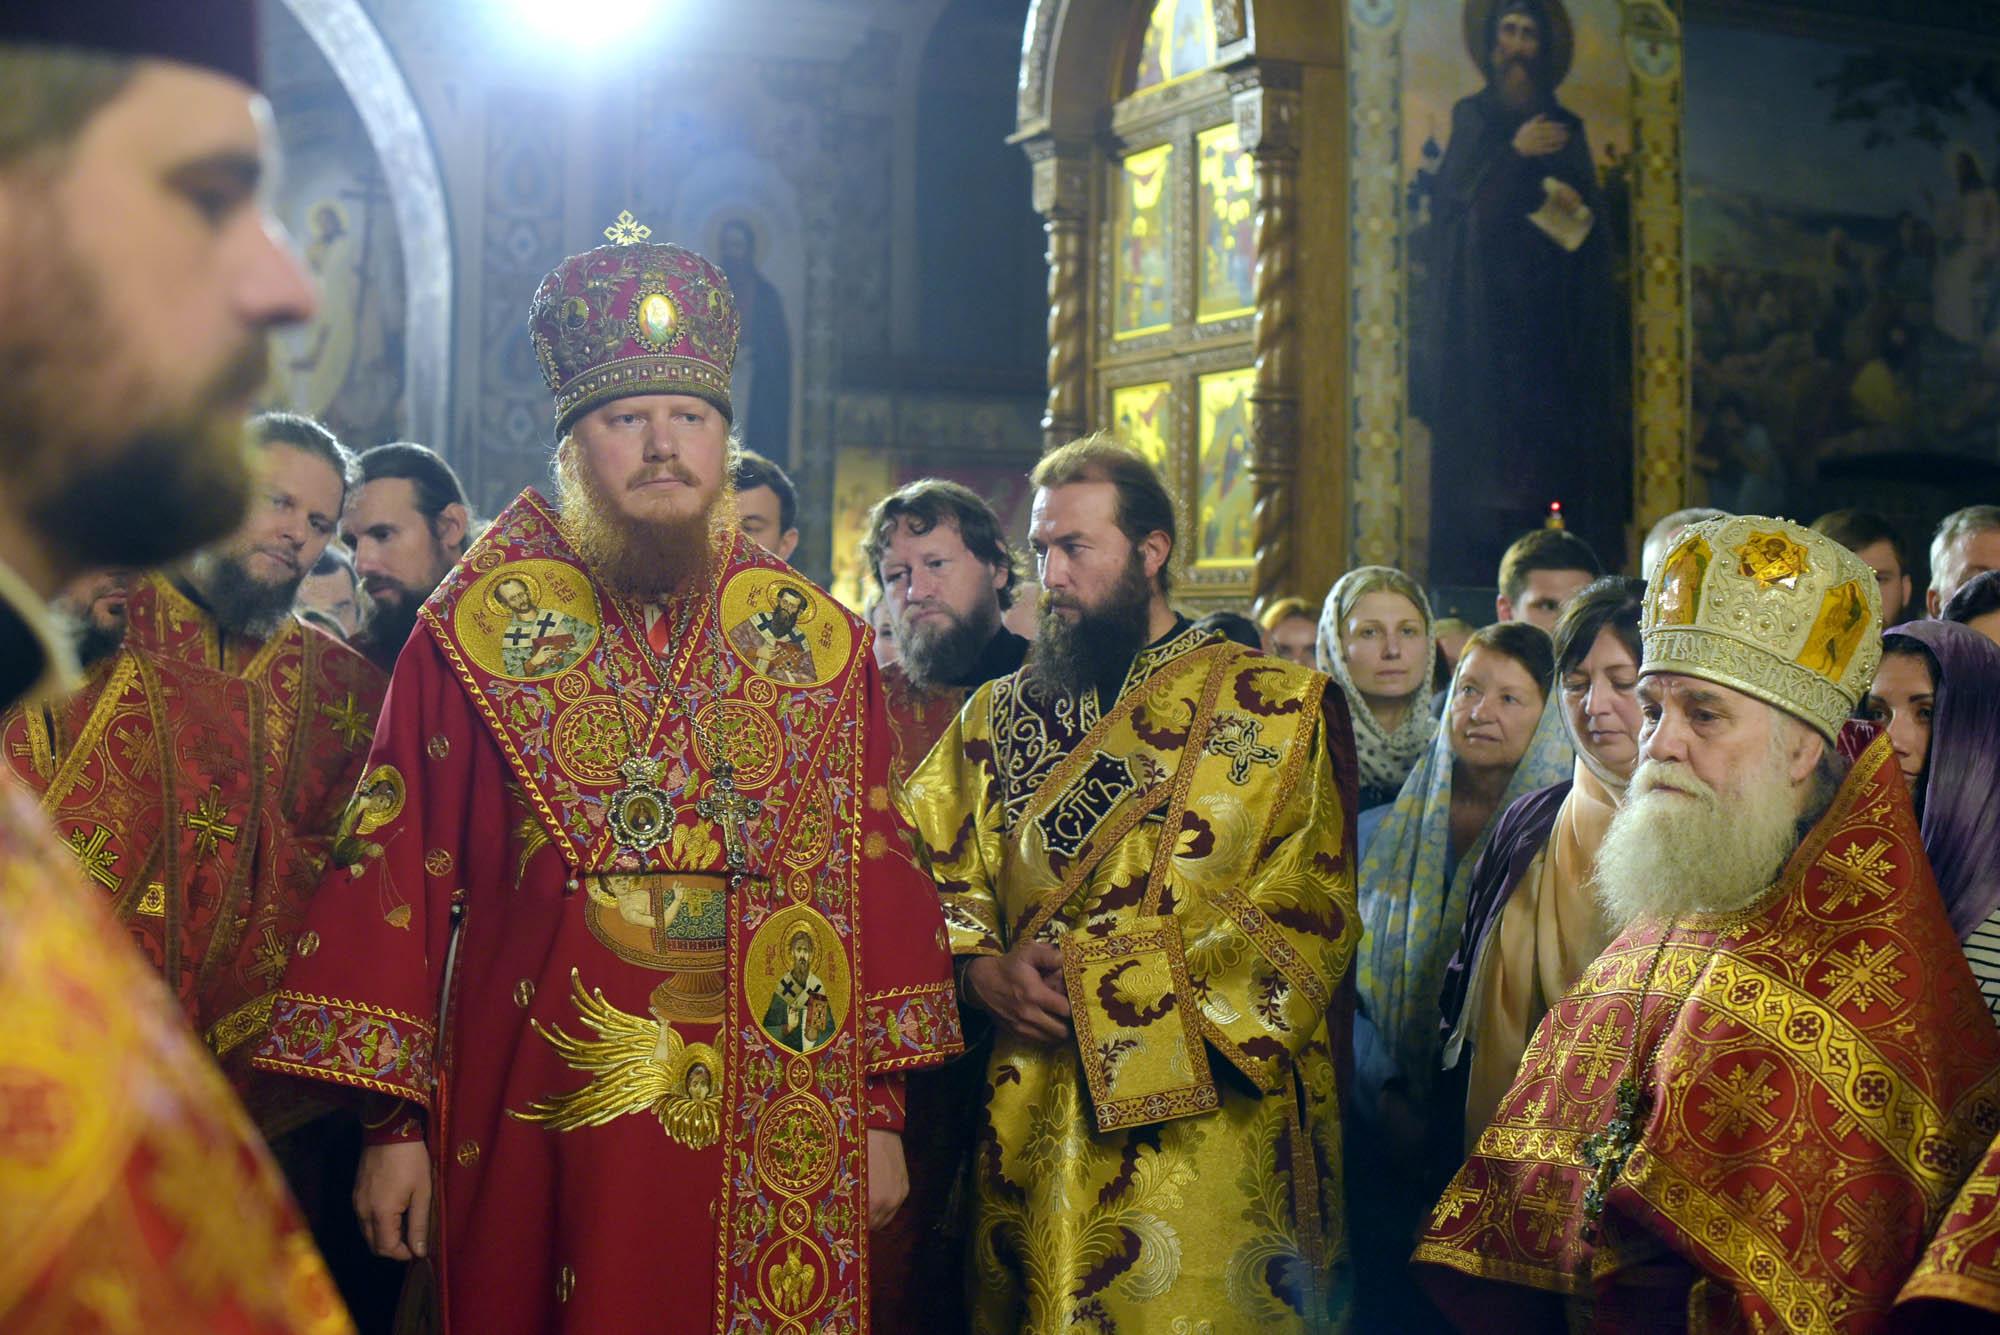 Orthodox photography Sergey Ryzhkov 9368